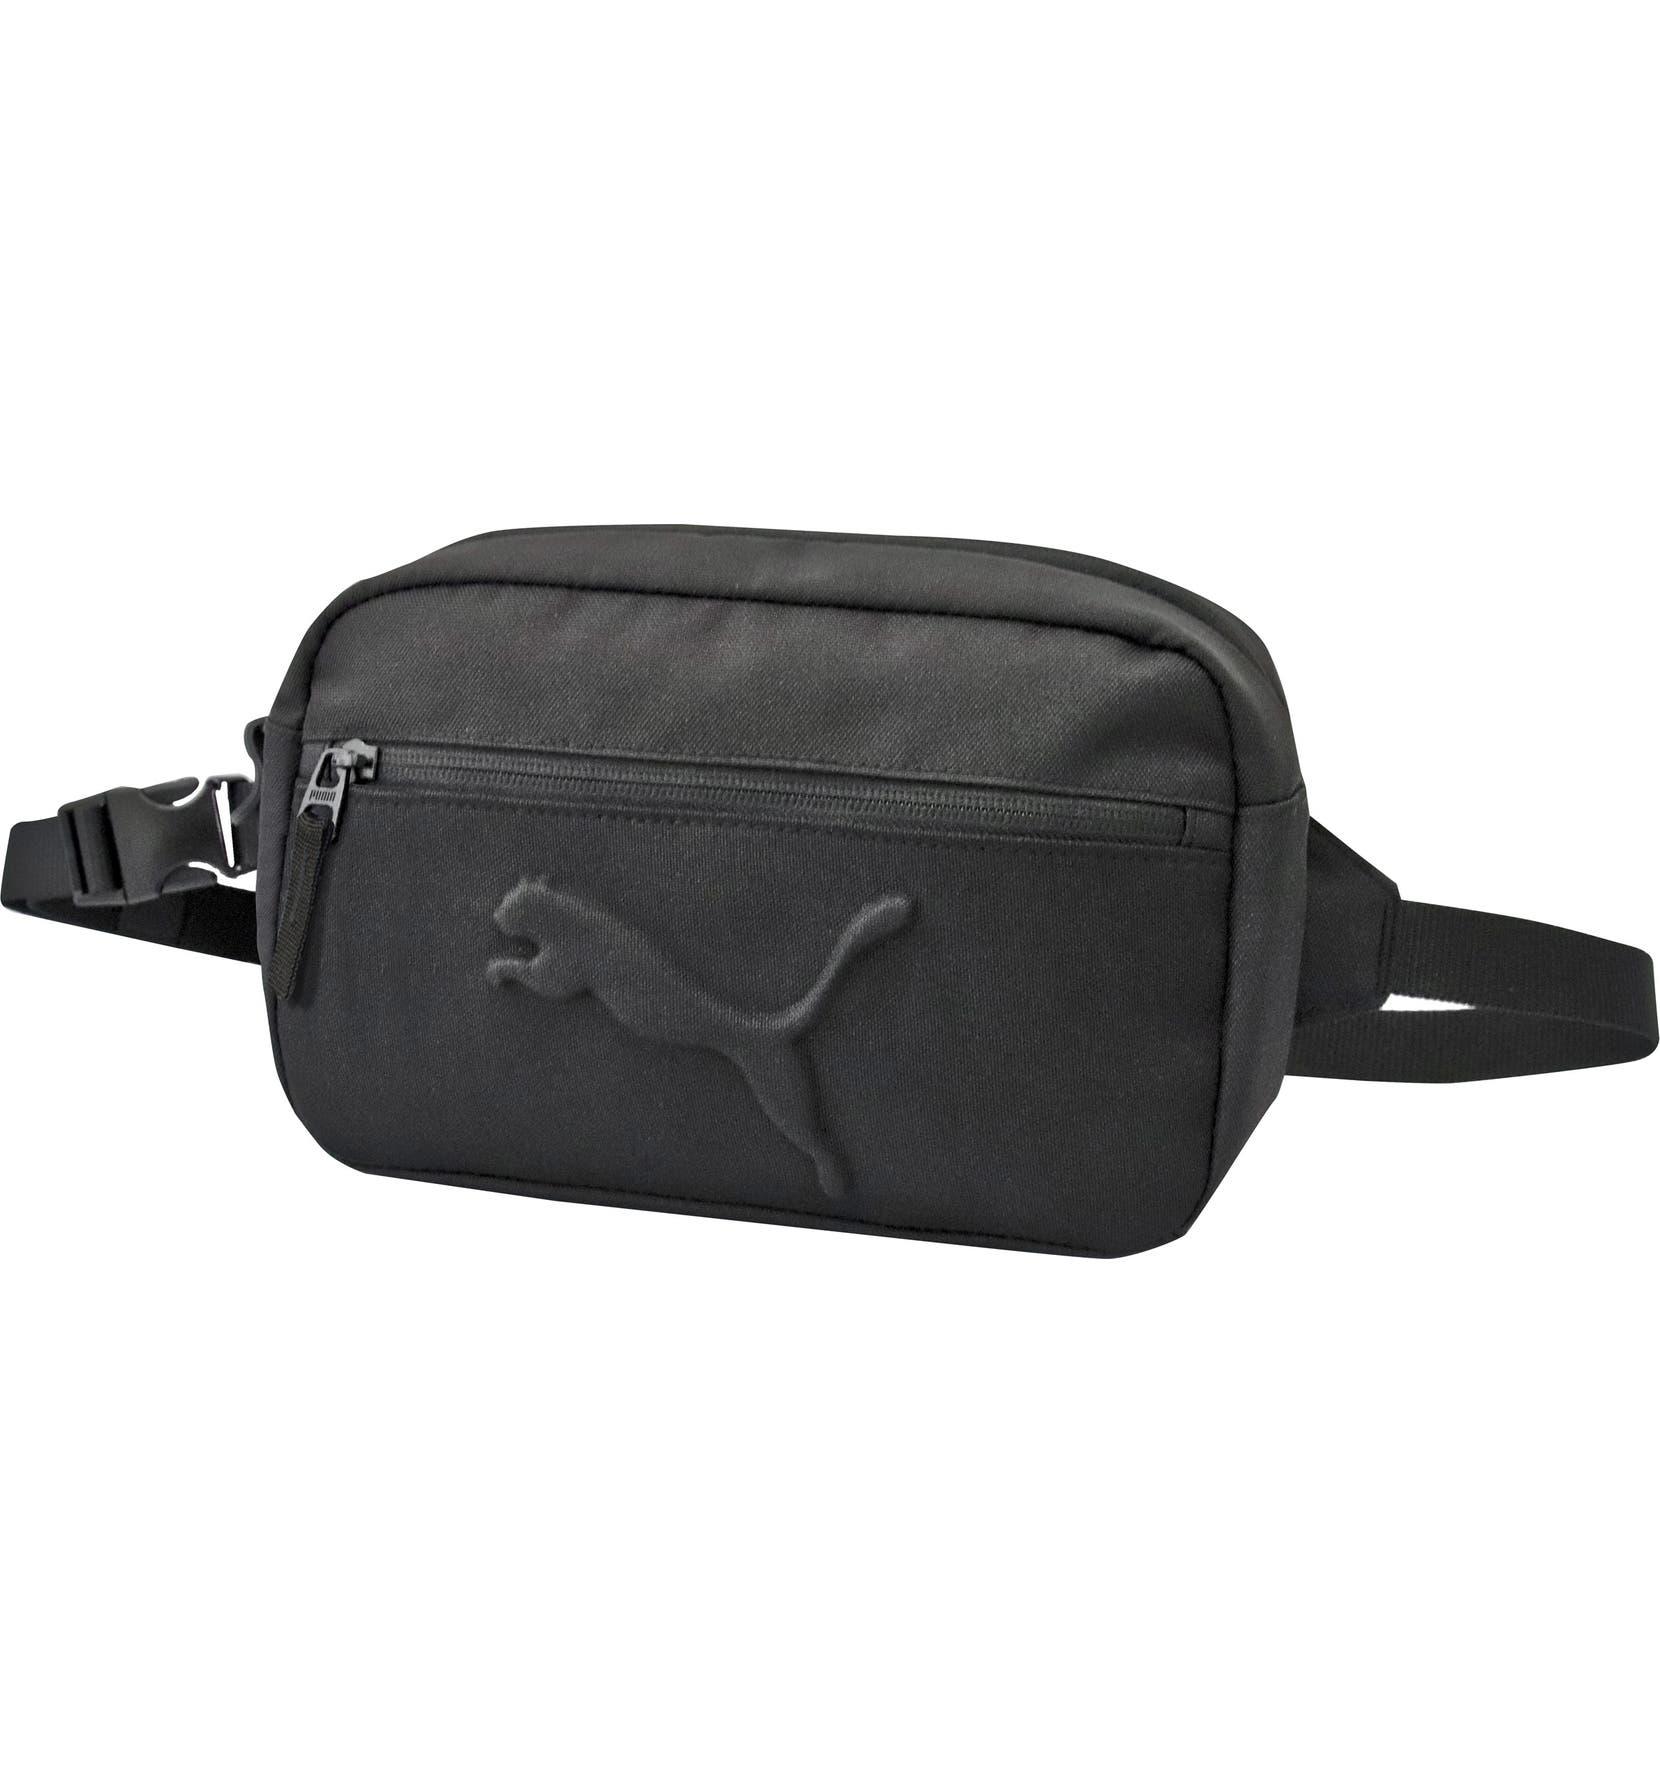 88304aacaf2 PUMA Reformation Belt Bag | Nordstrom